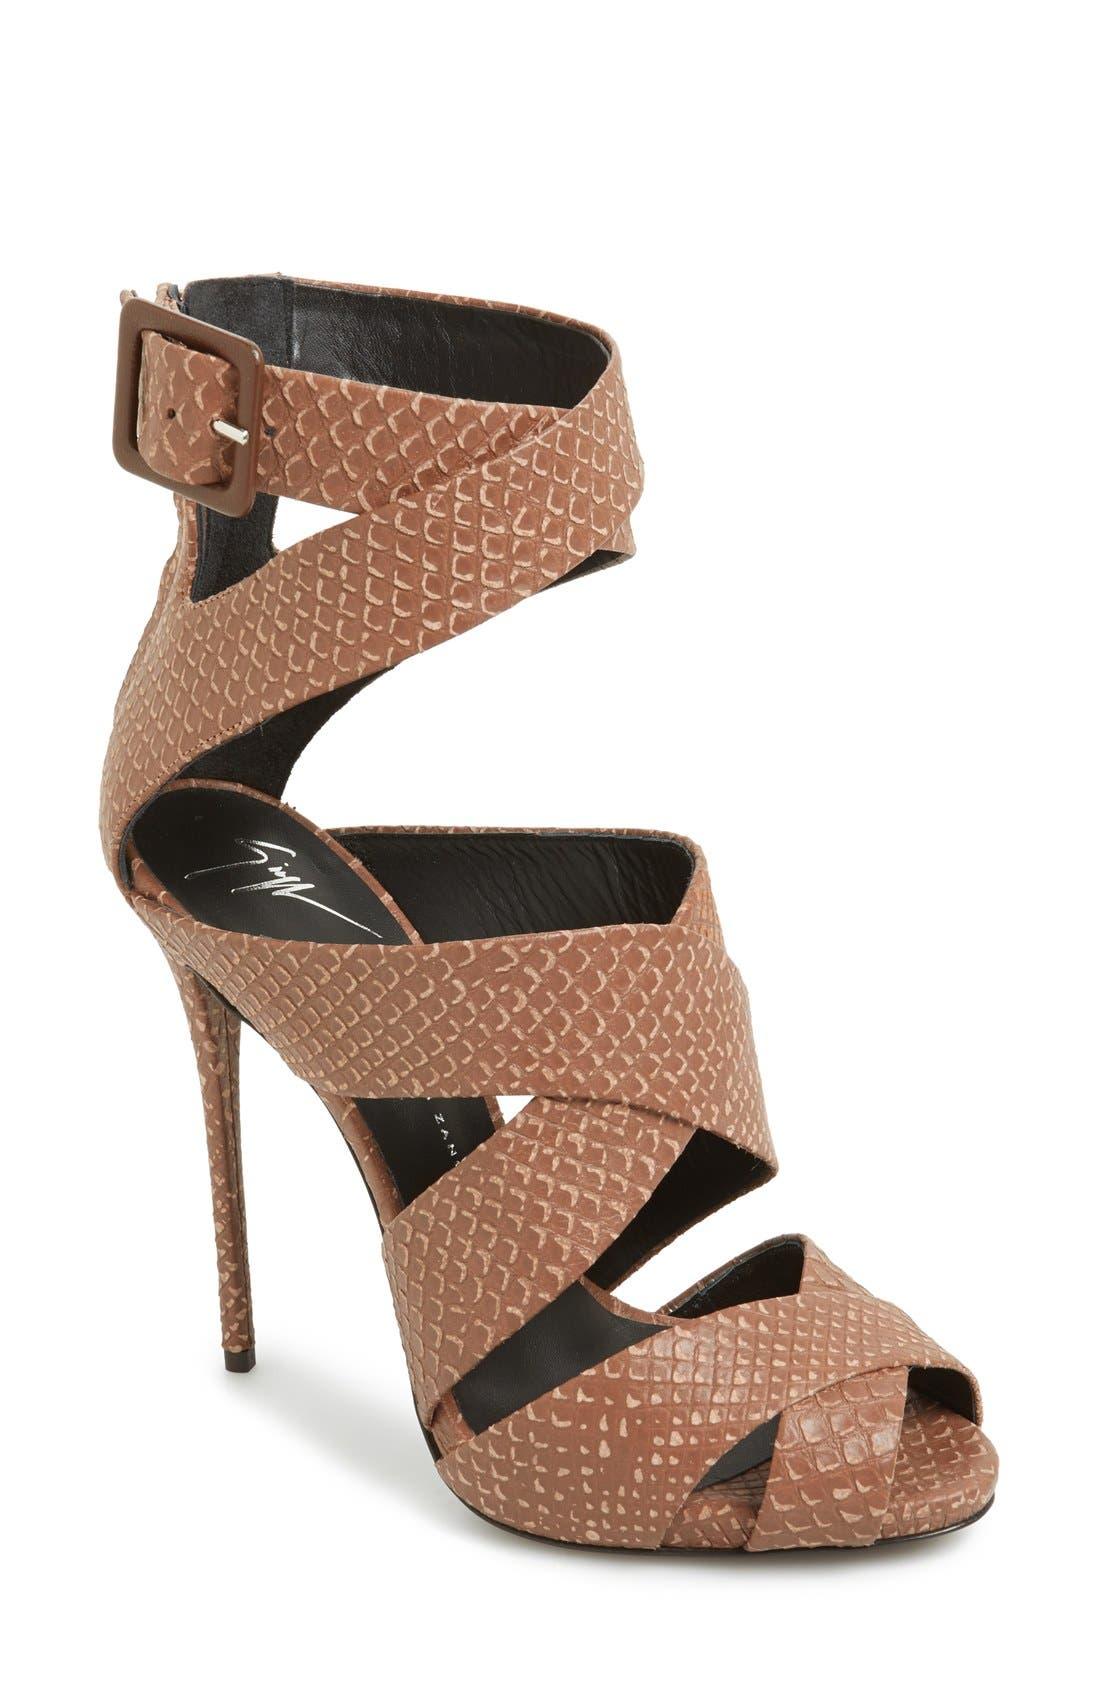 Main Image - Giuseppe Zanotti 'Coline' Snake Embossed Leather Sandal (Women)